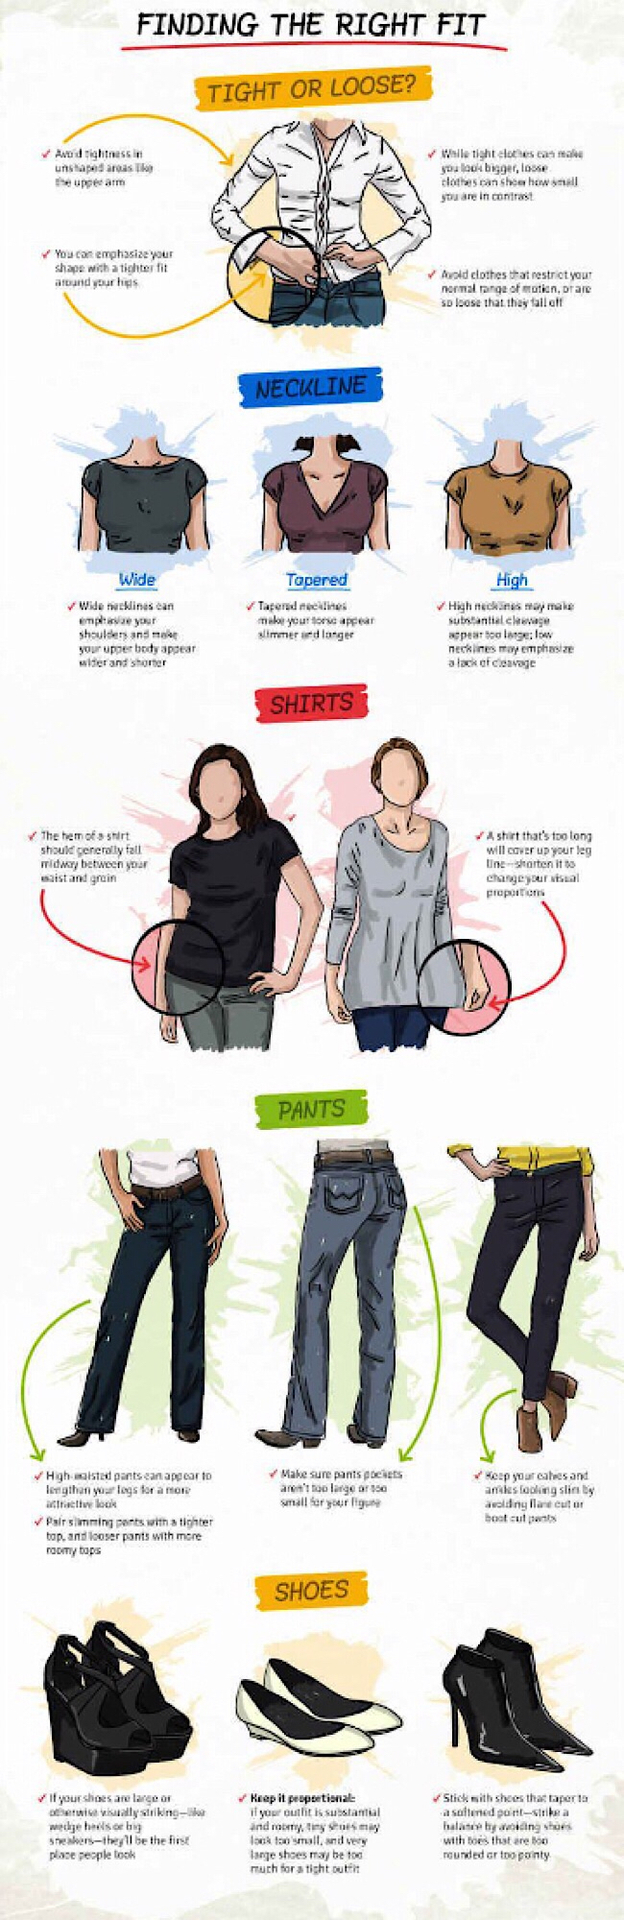 THE GLAM NUT - Fashion & Lifestyle Blog - EDDA54B1-603D-40D0-AFE0-4E554846B380